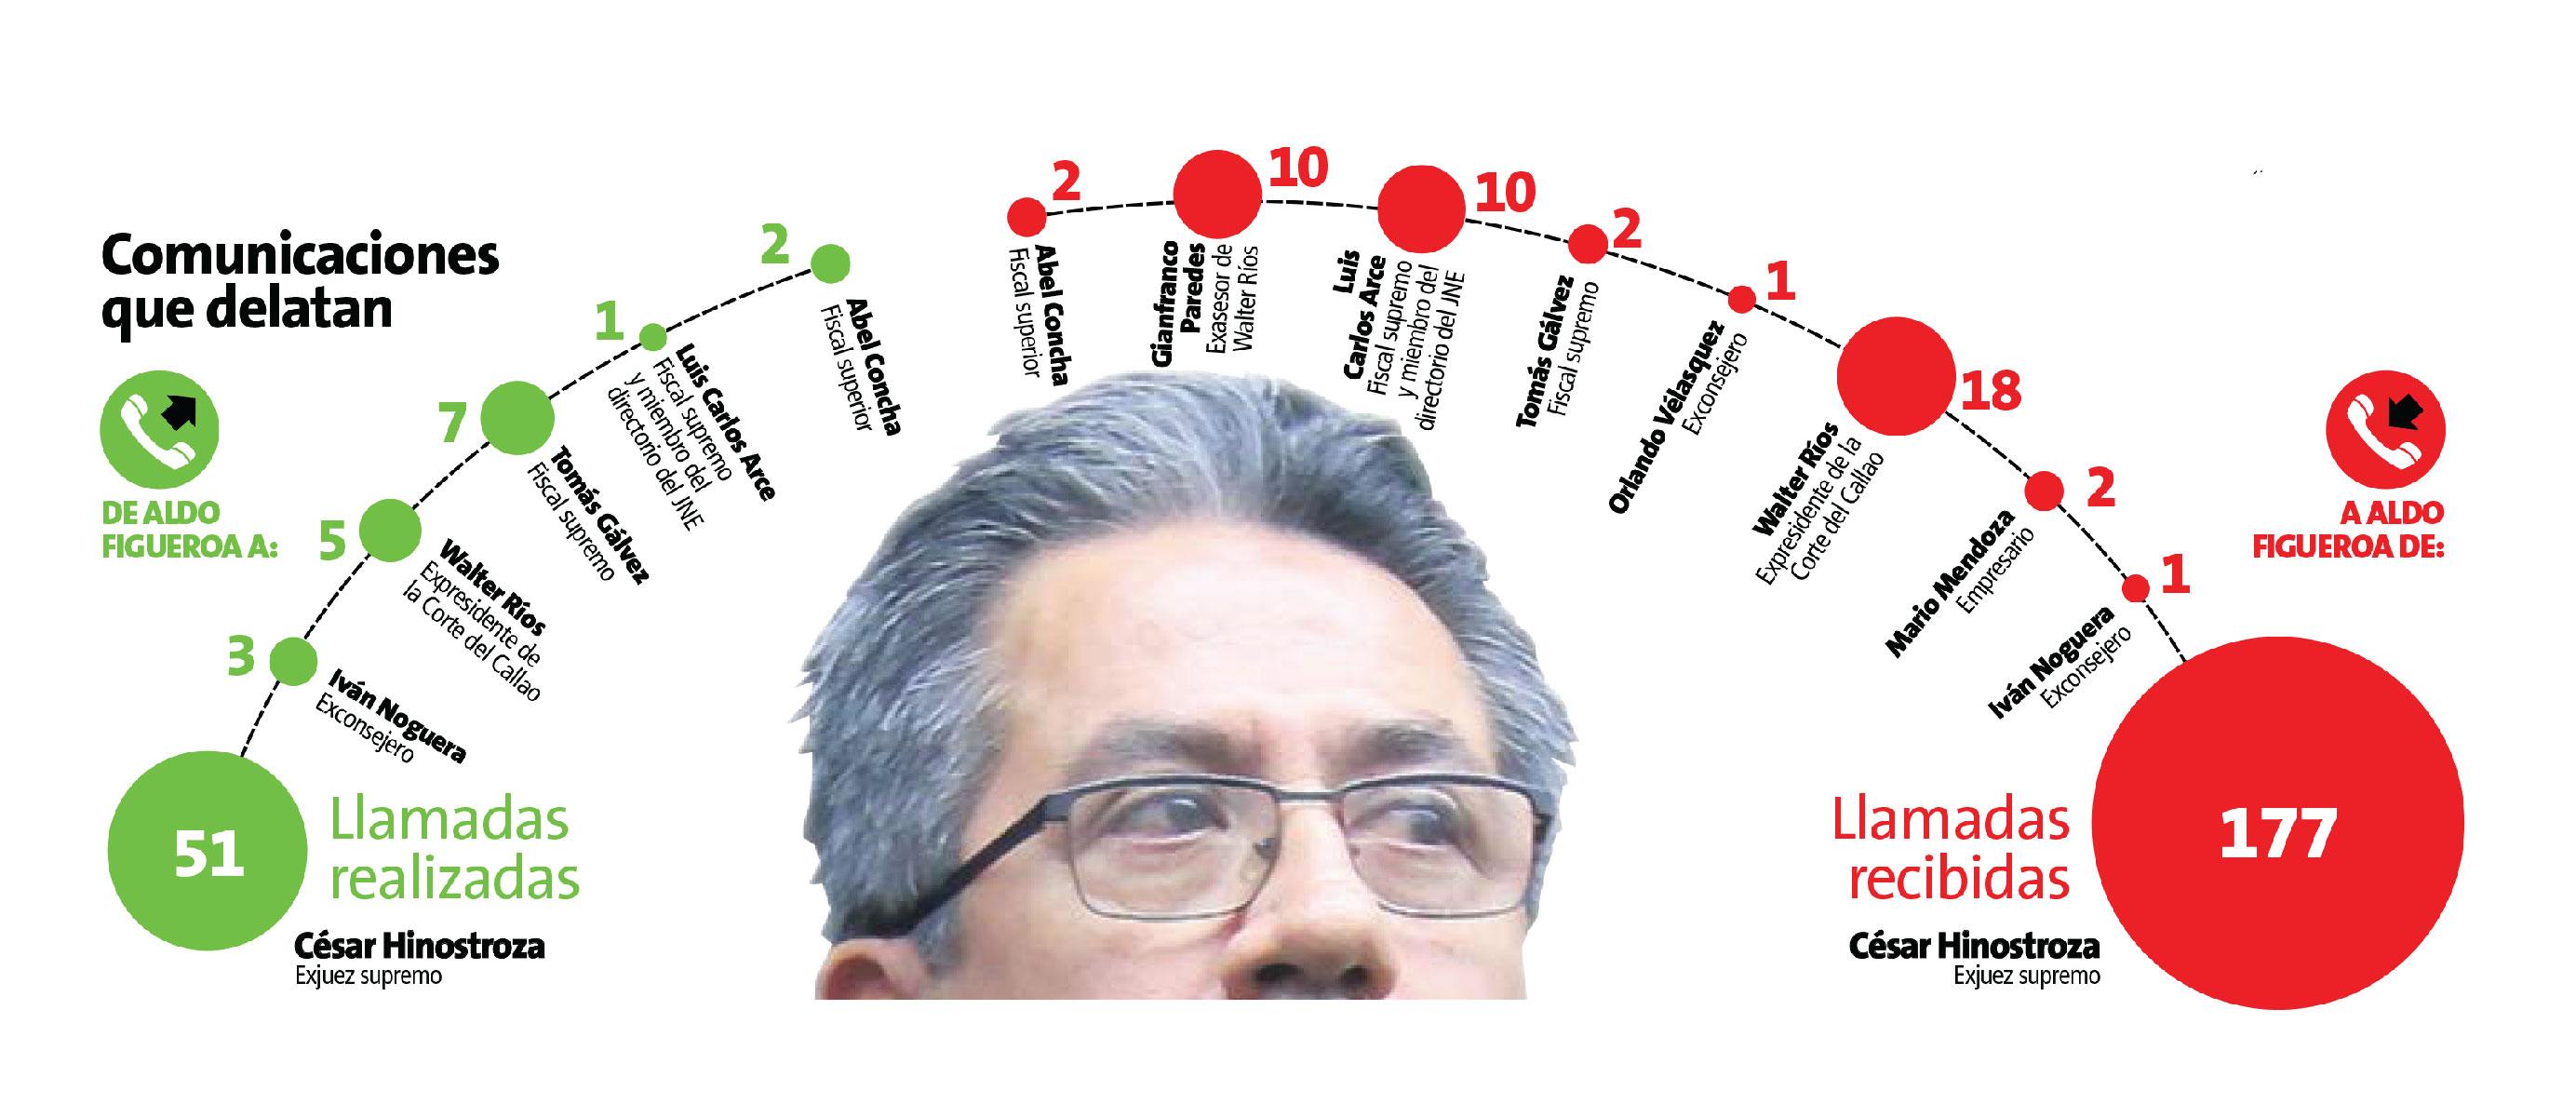 Se registraron 228 llamadas entre Aldo Figueroa y César Hinostroza.